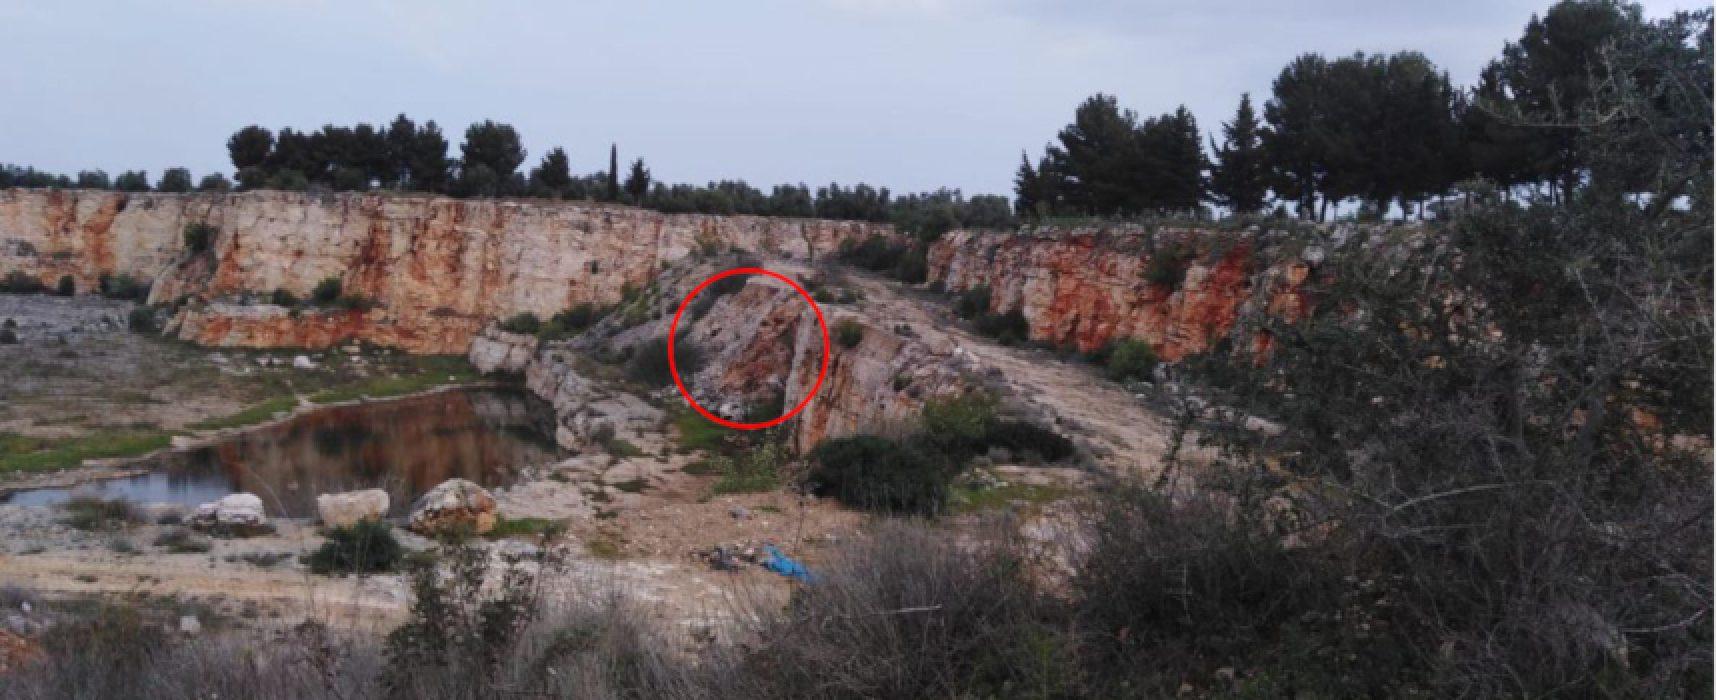 Scoperti rifiuti in una cava dismessa, la Polizia Locale sequestra l'area